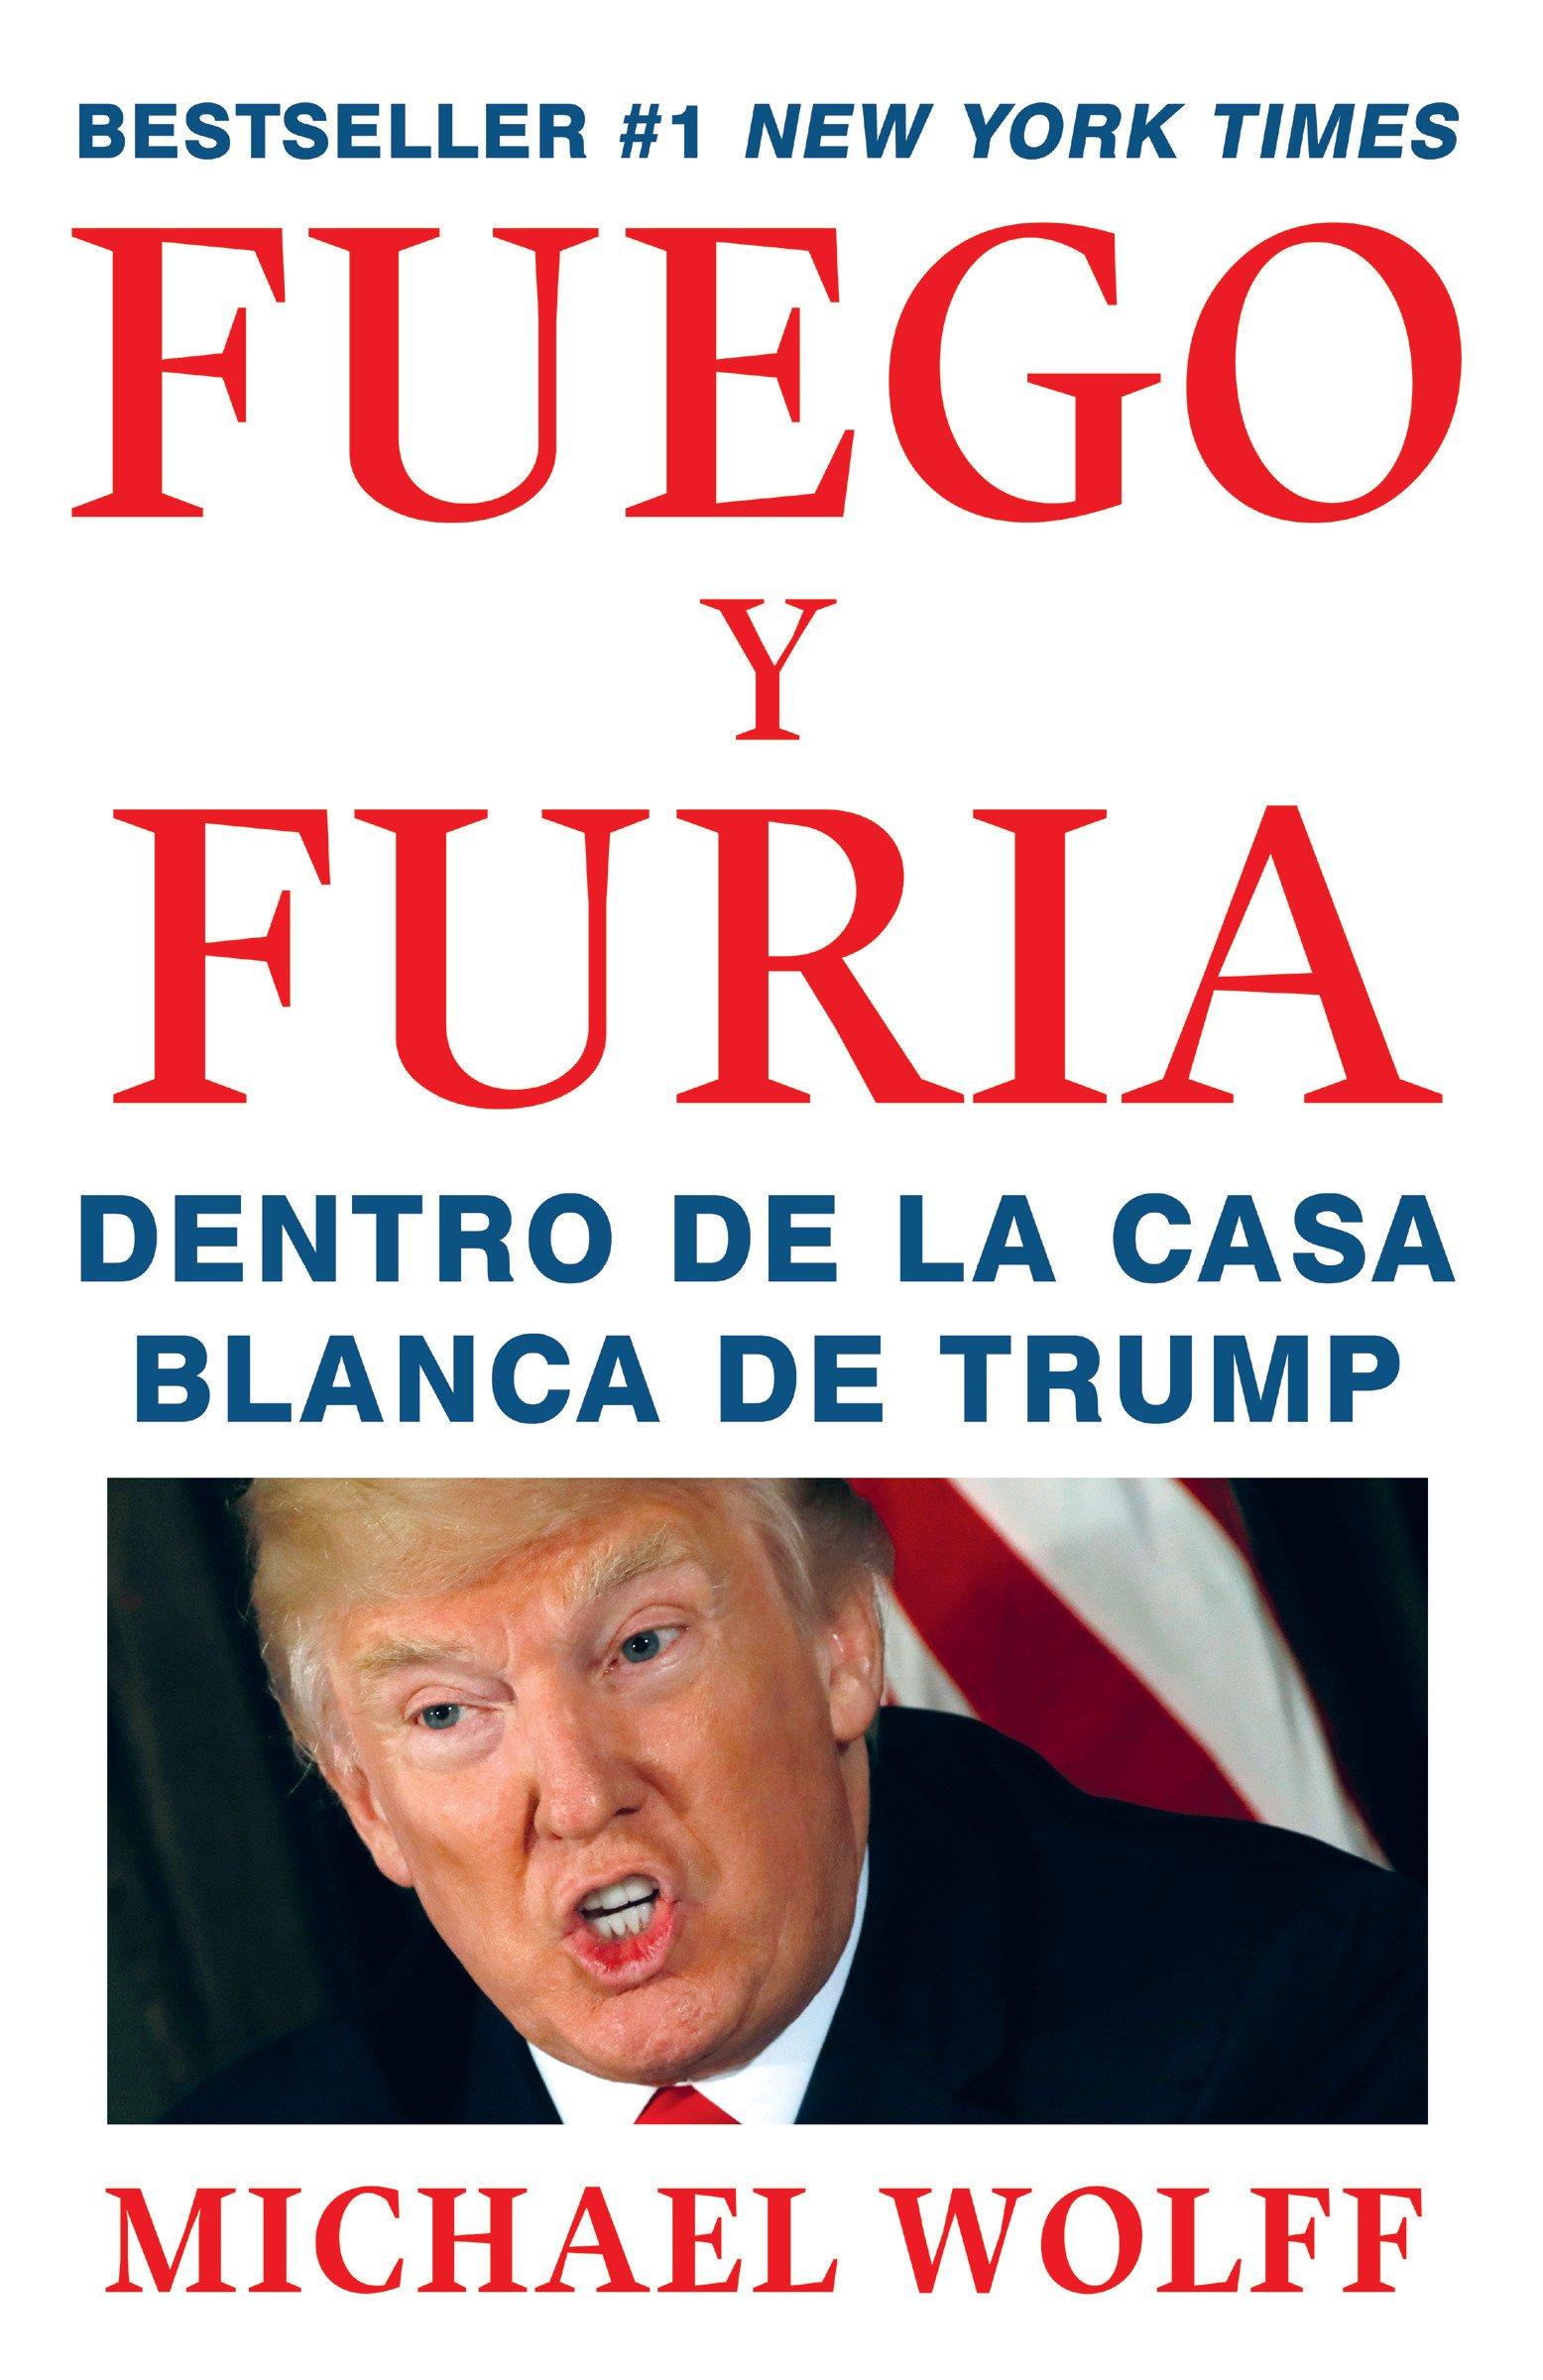 Fuego Y Furia Dentro De La Casa Blanca De Trump Spanish Edition Wolff Michael 9780525564287 Books